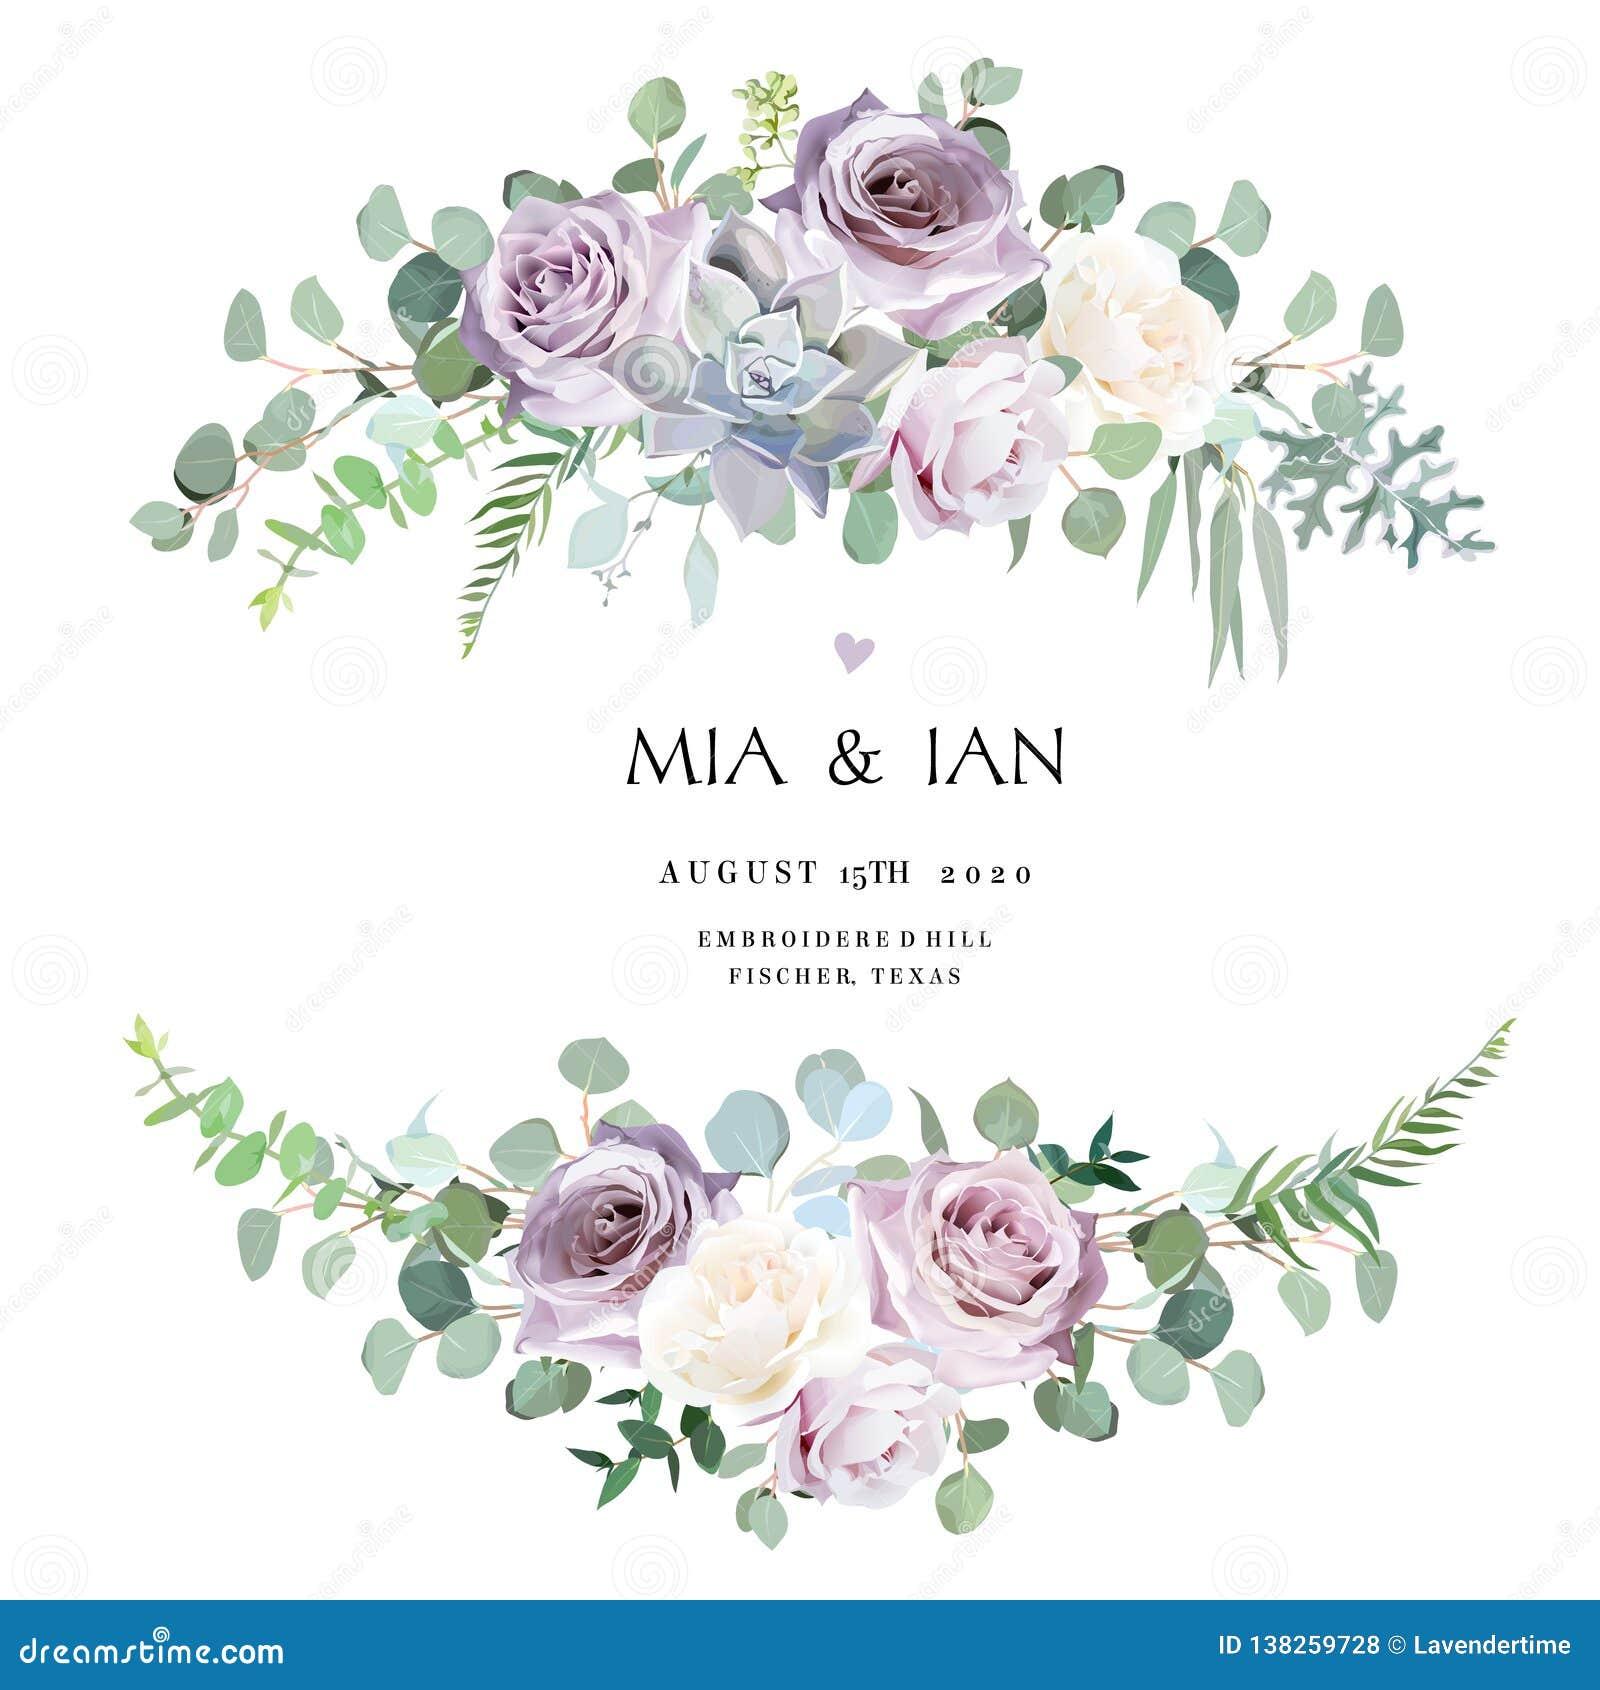 Rose antique de lavande, crémeuse et mauve violette poussiéreuse, fleurs pâles pourpres